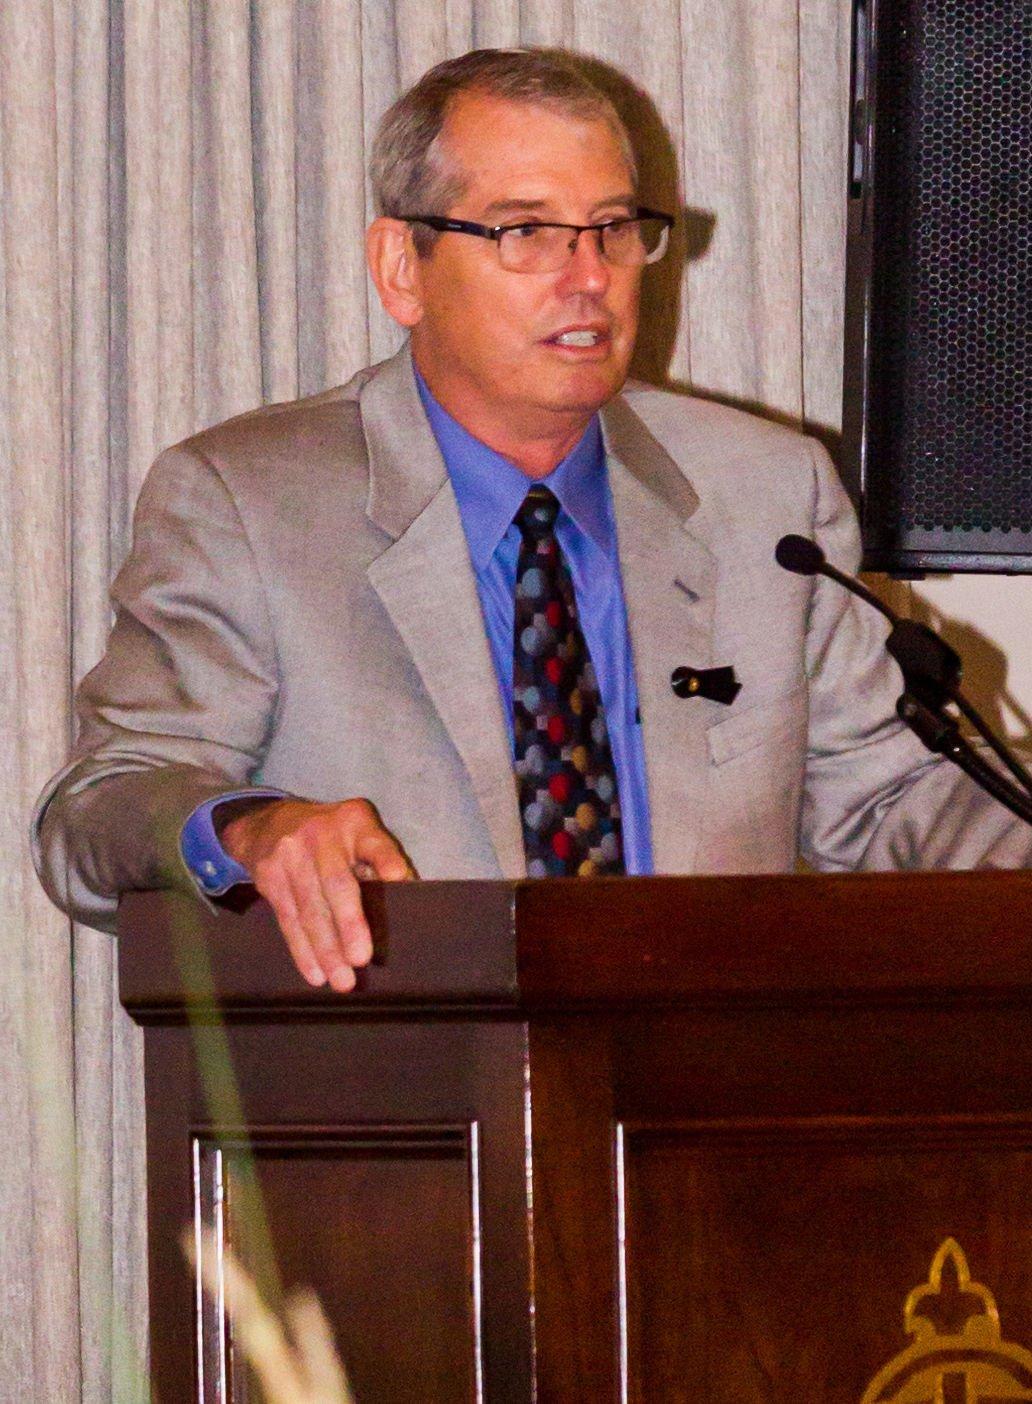 Dr. Ernie Sigler